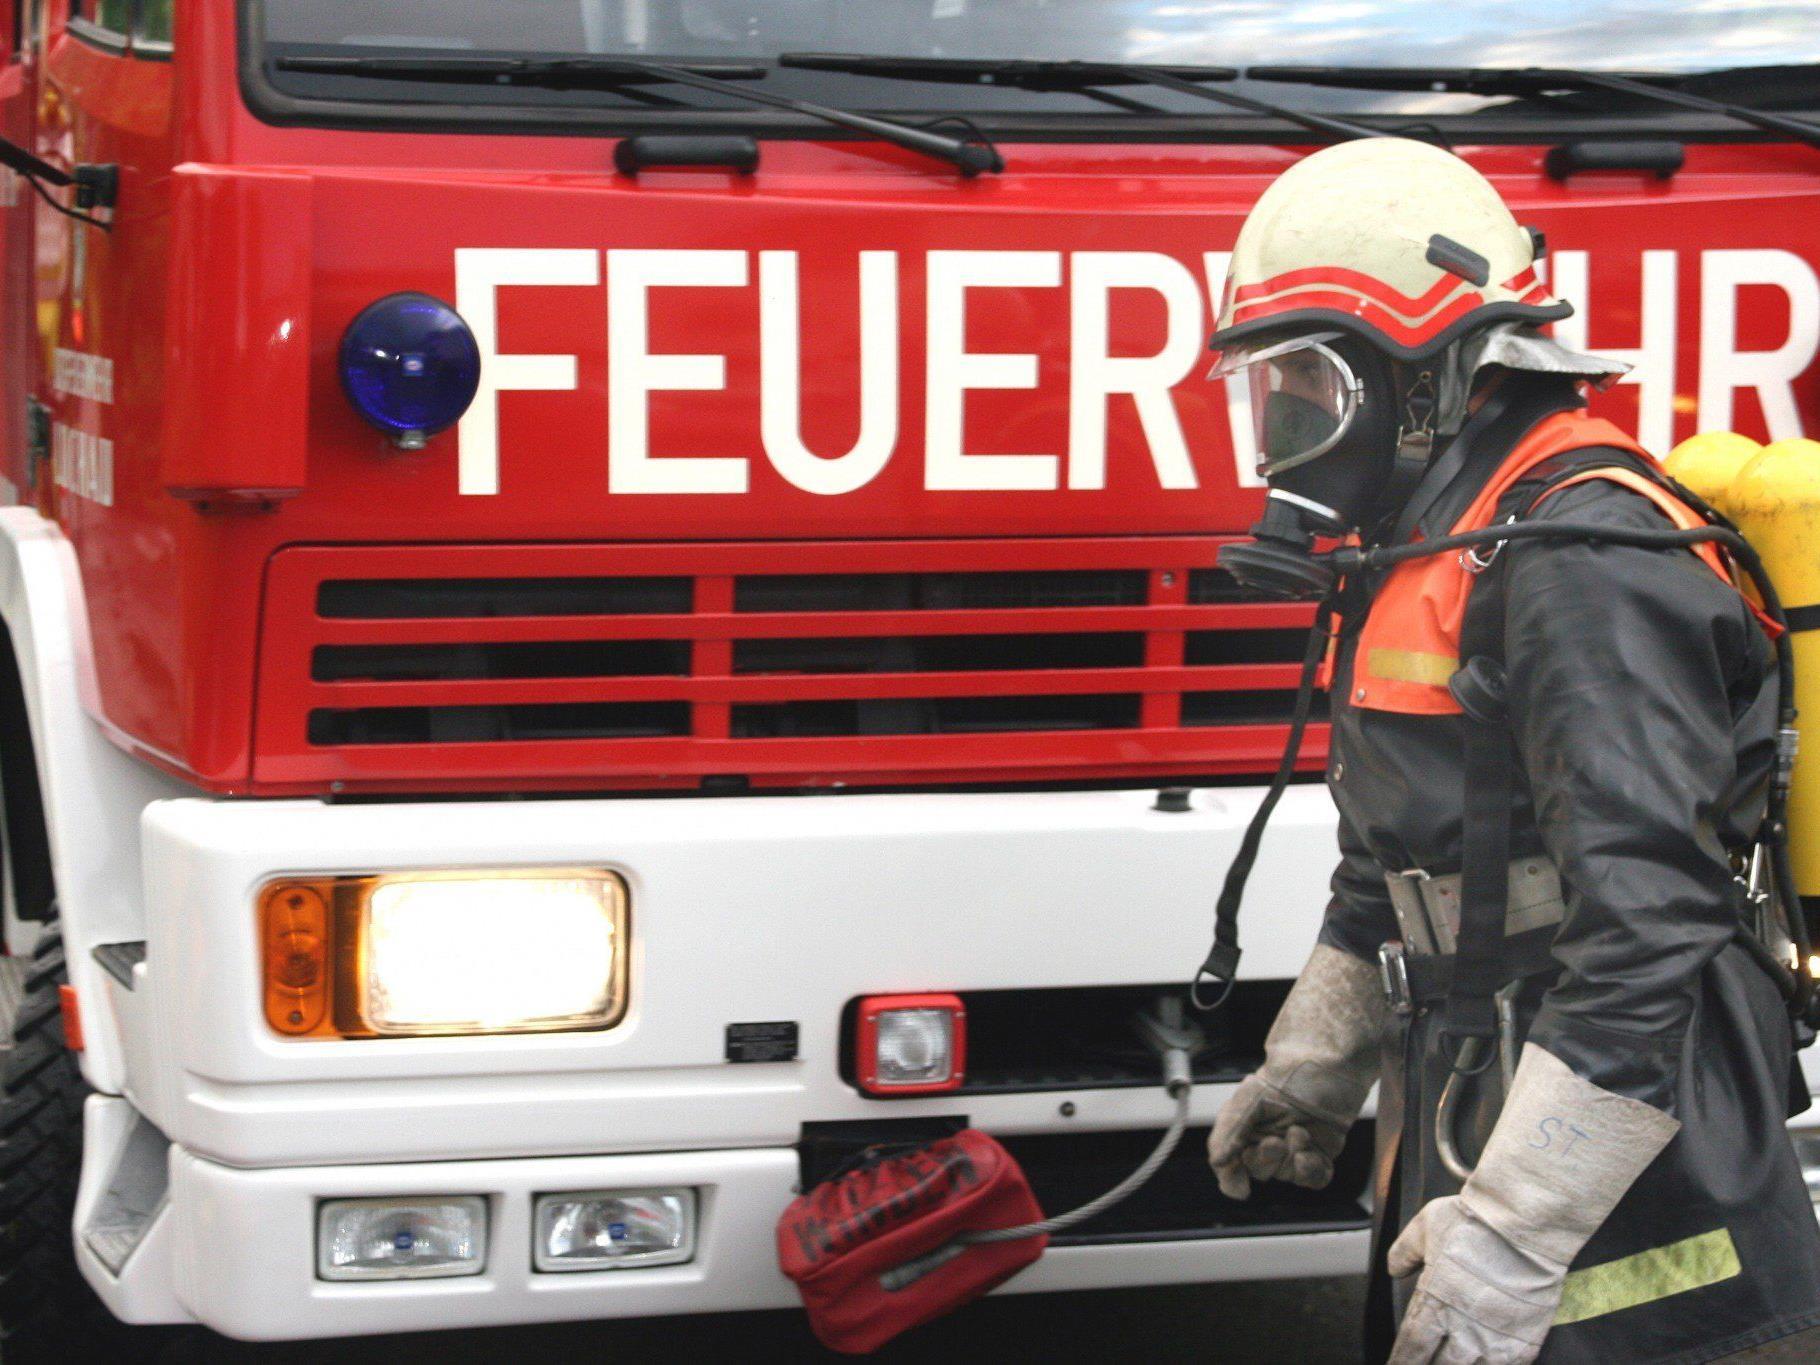 Am Freitag wurden drei Männer in Freilassung wegen einer Müllverbrennung angezeigt.